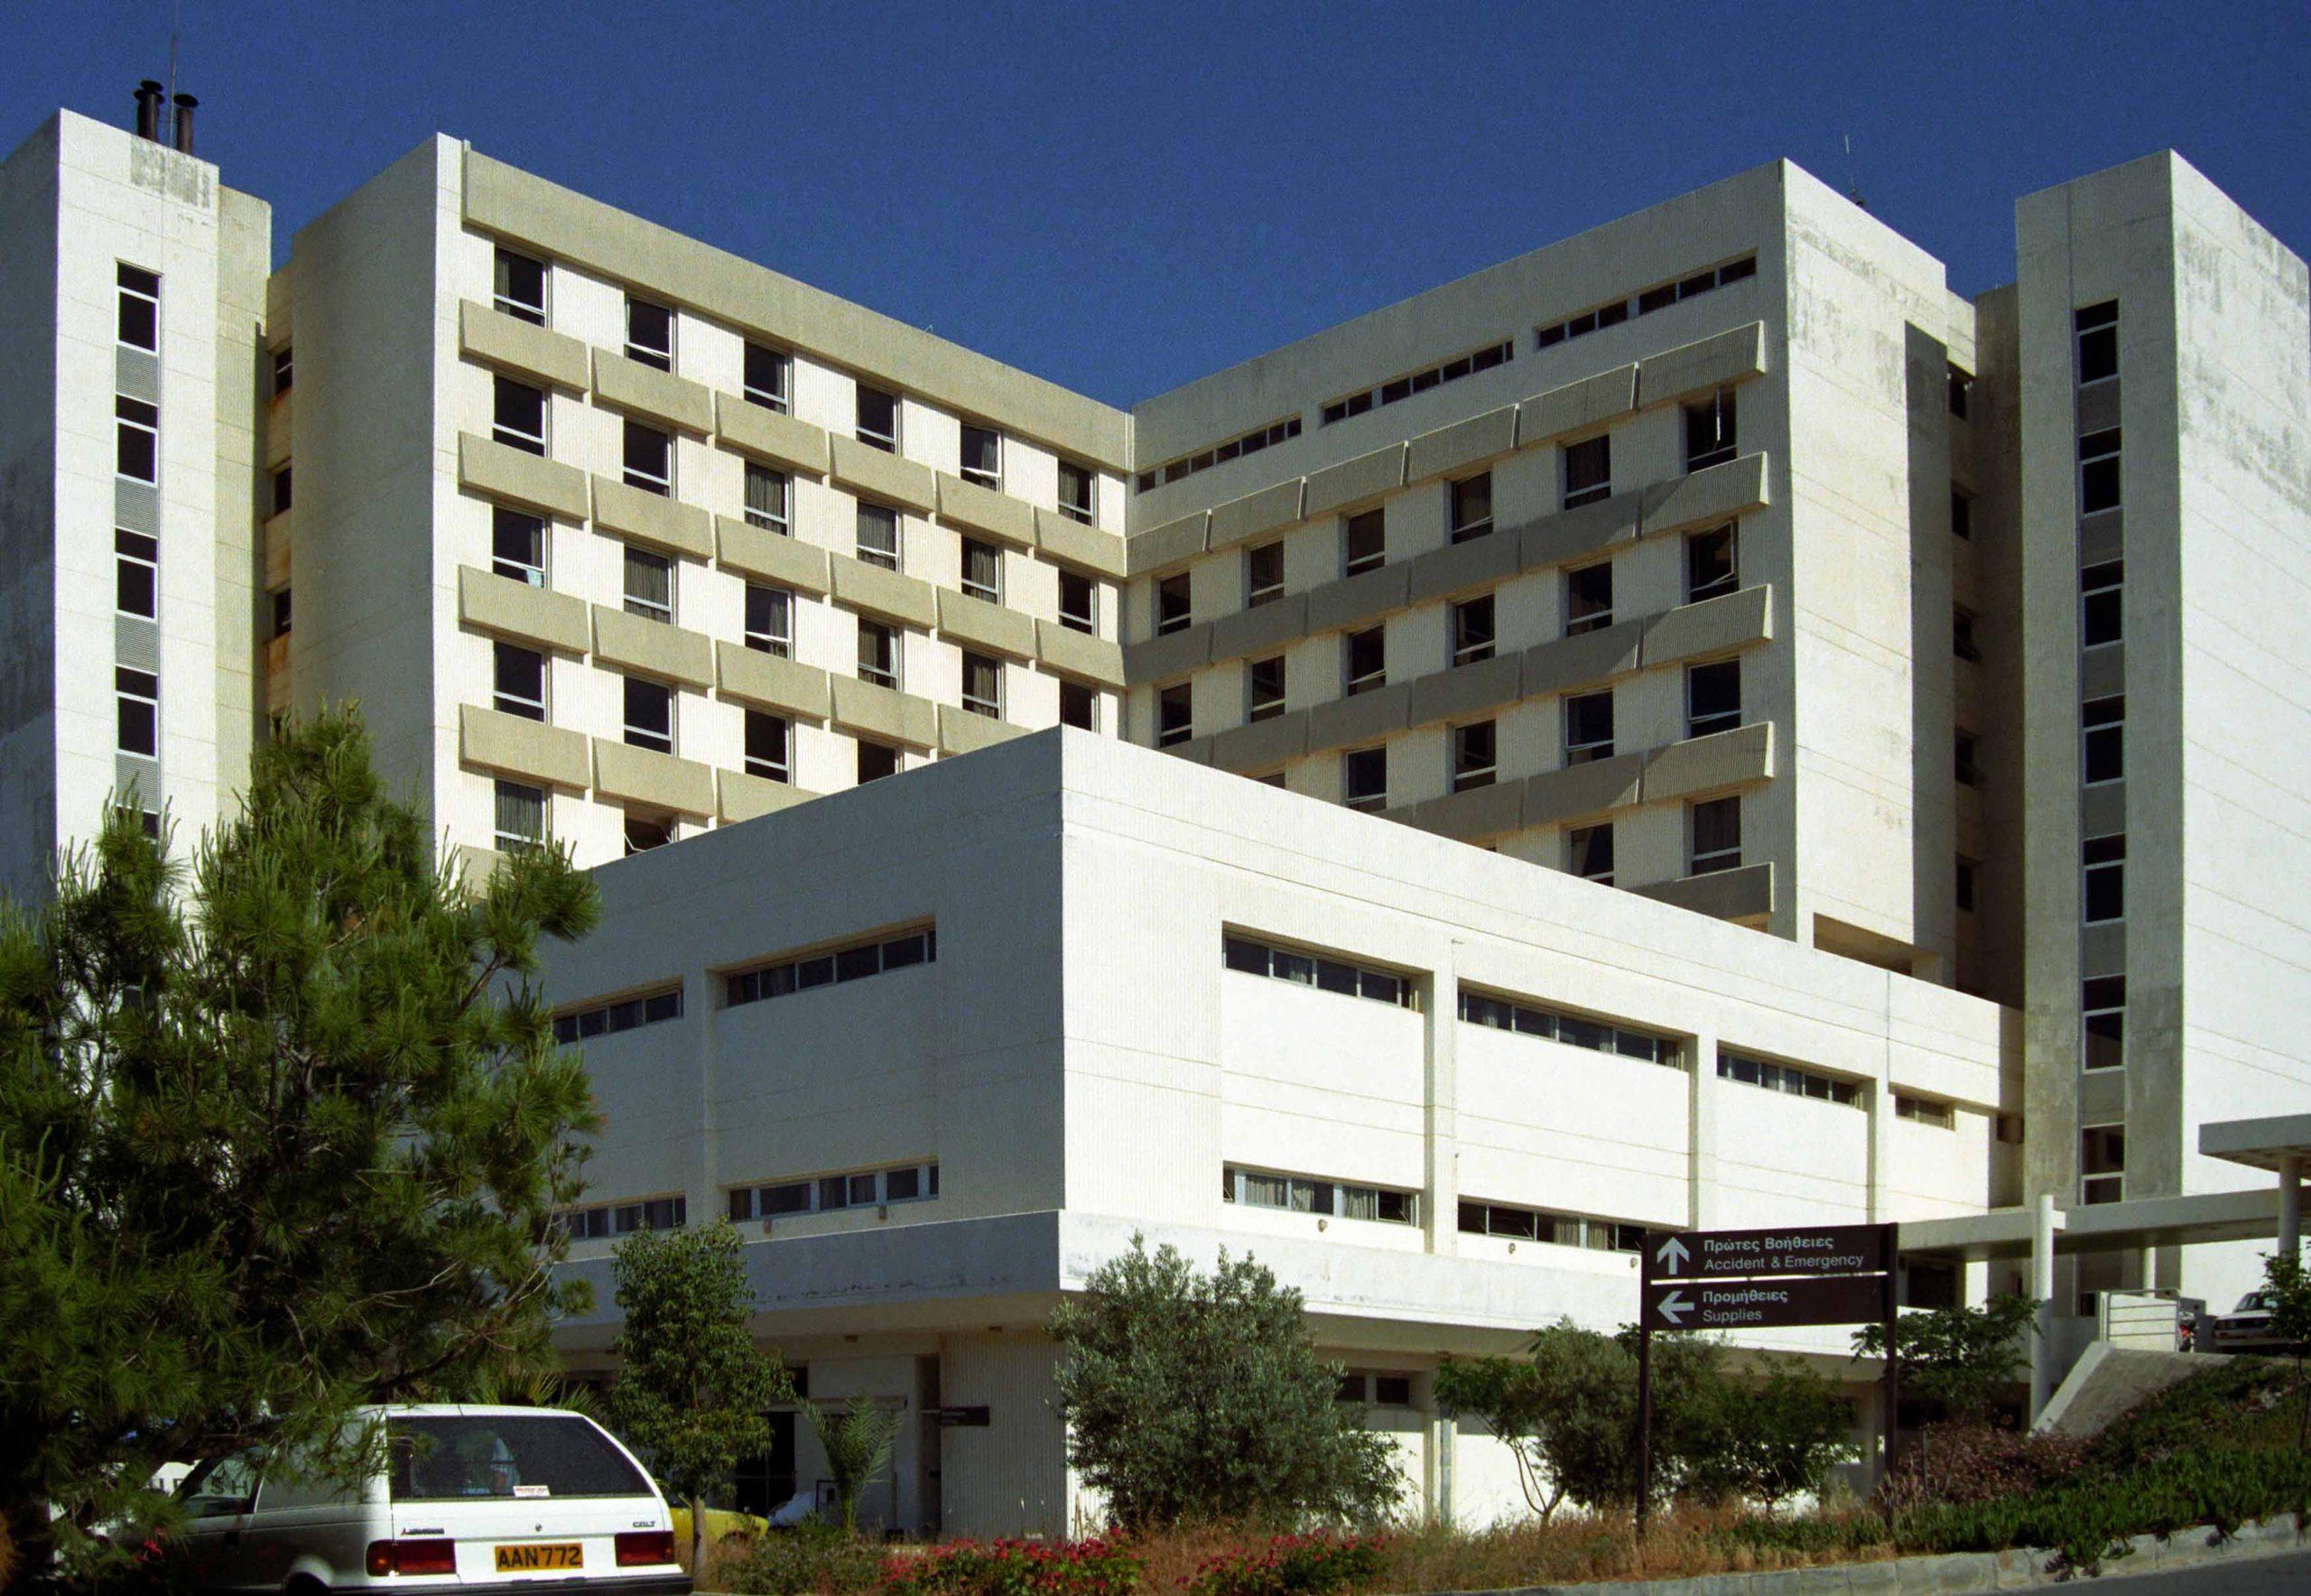 Γενικό Νοσοκομείο Λάρνακας:  Κανένα επιβεβαιωμένο κρούσμα